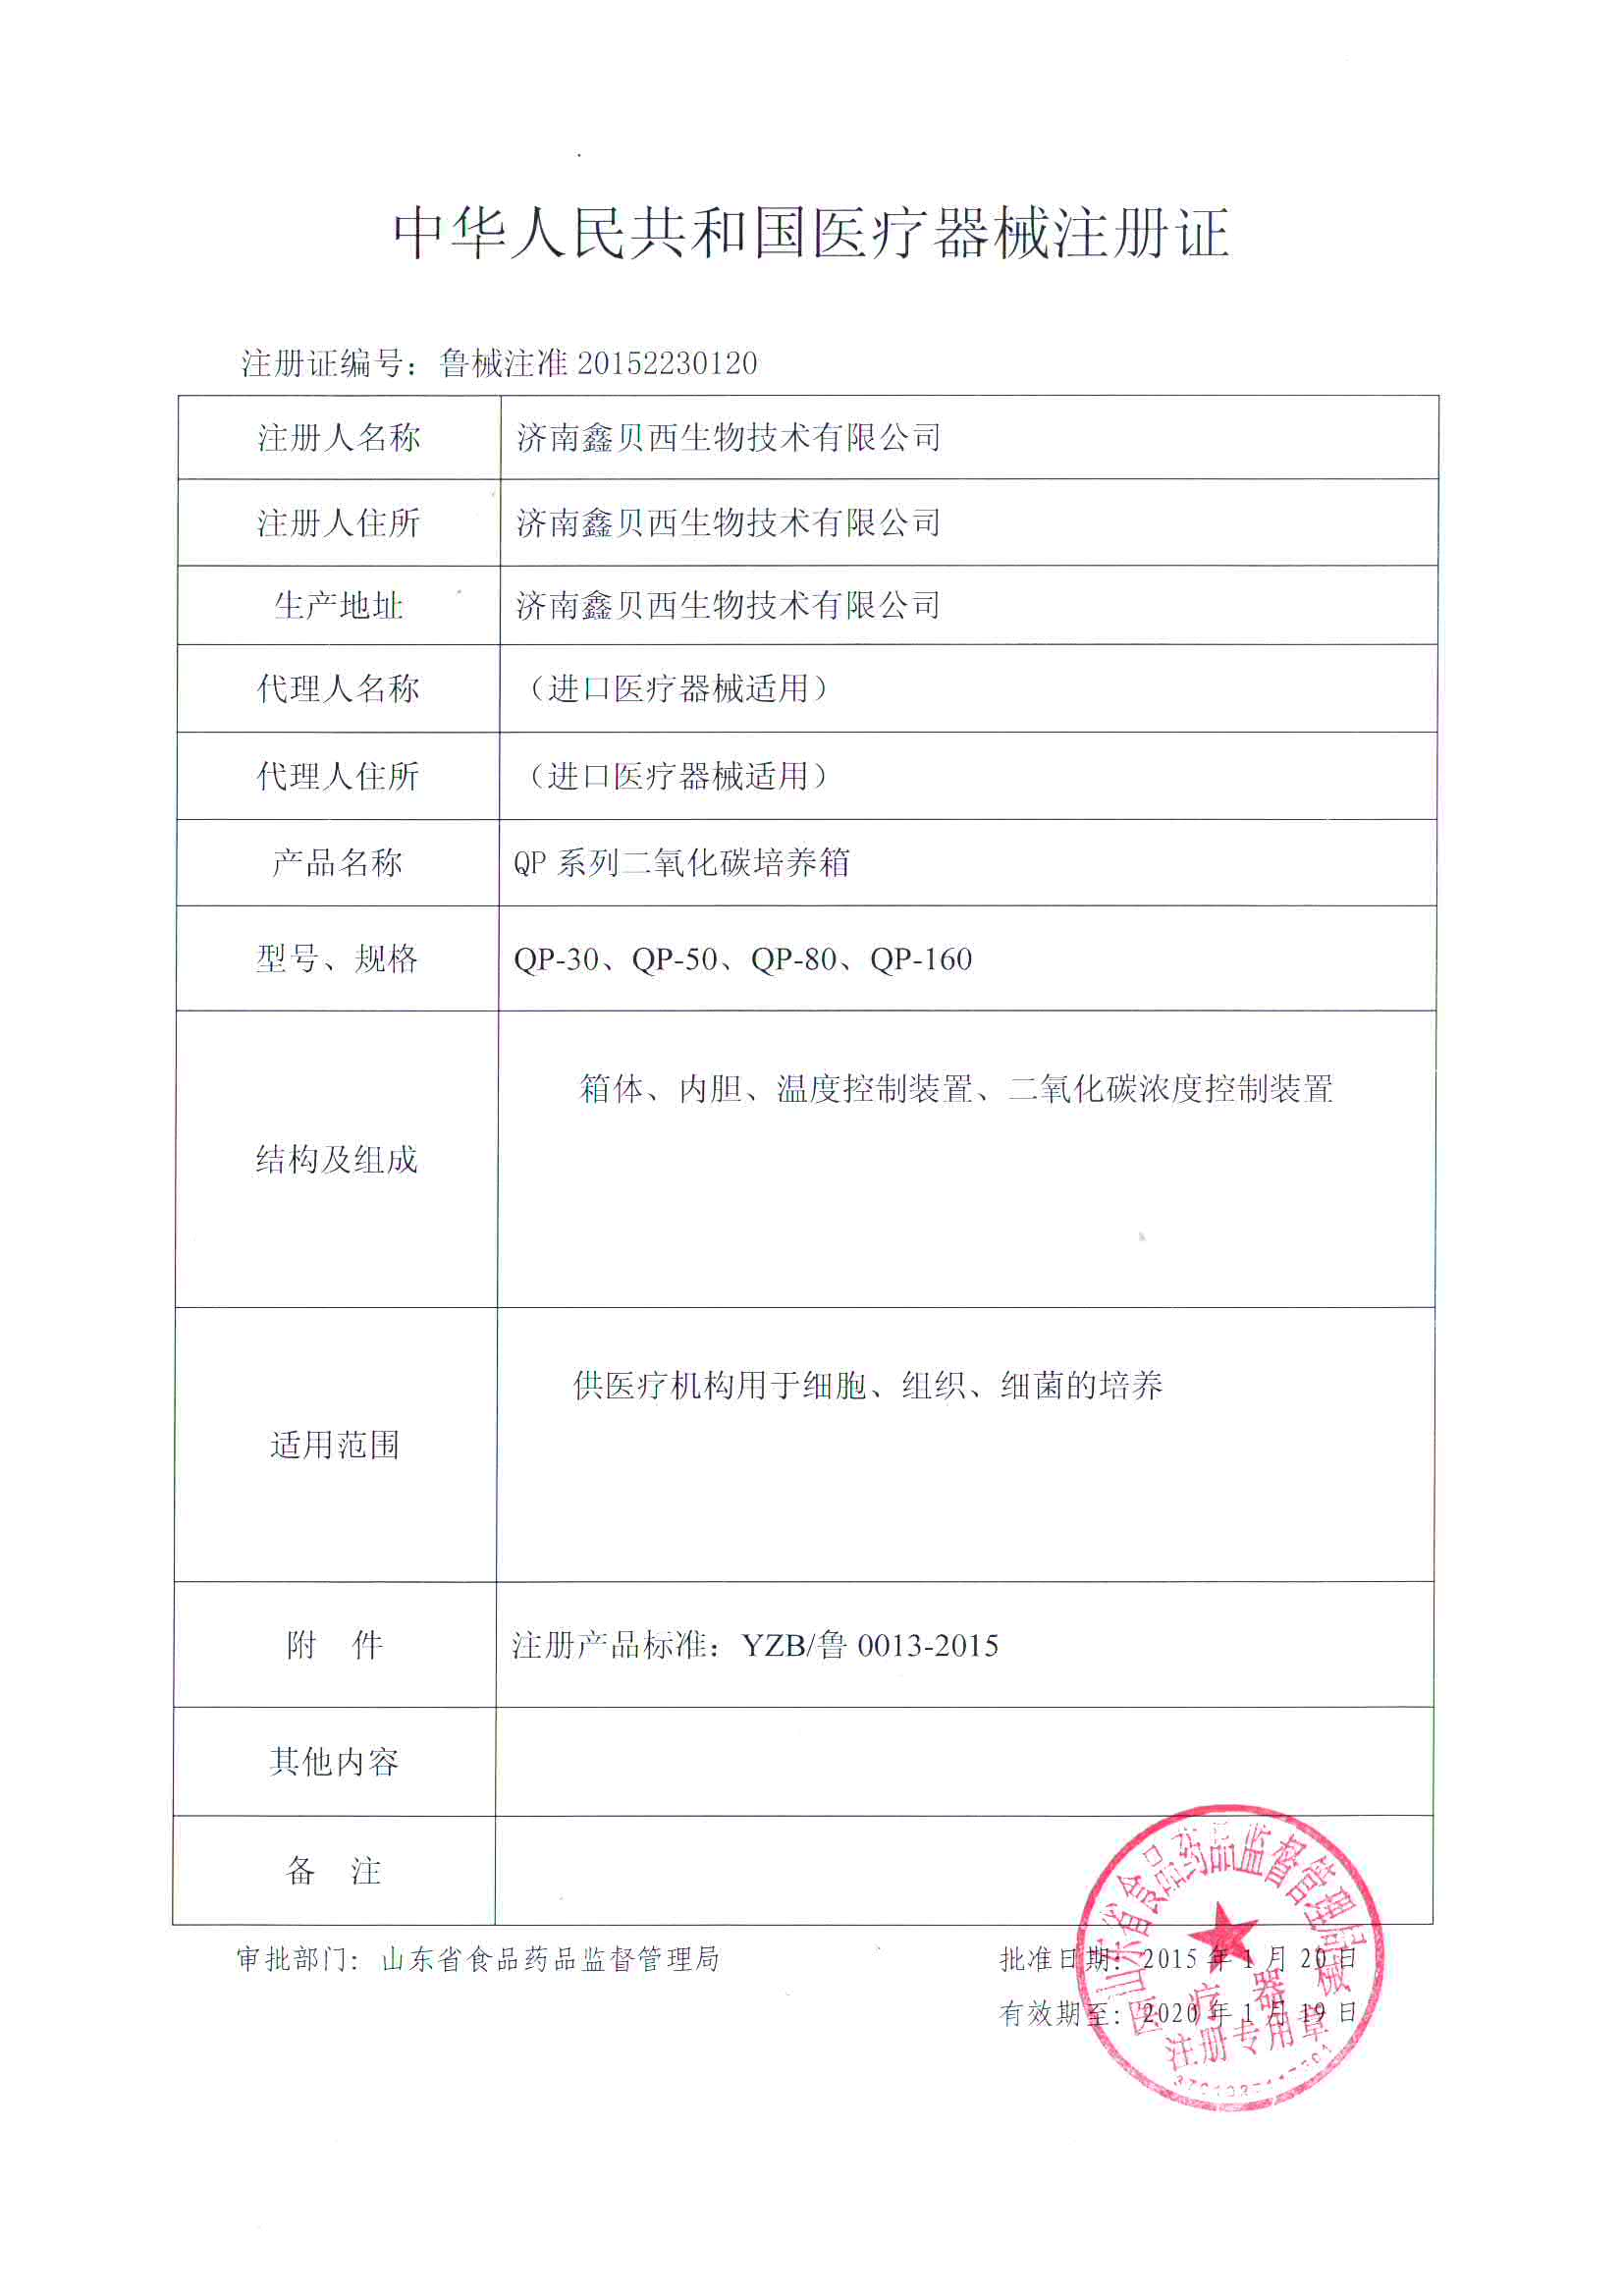 二氧化碳培养箱鑫贝西注册证.jpg